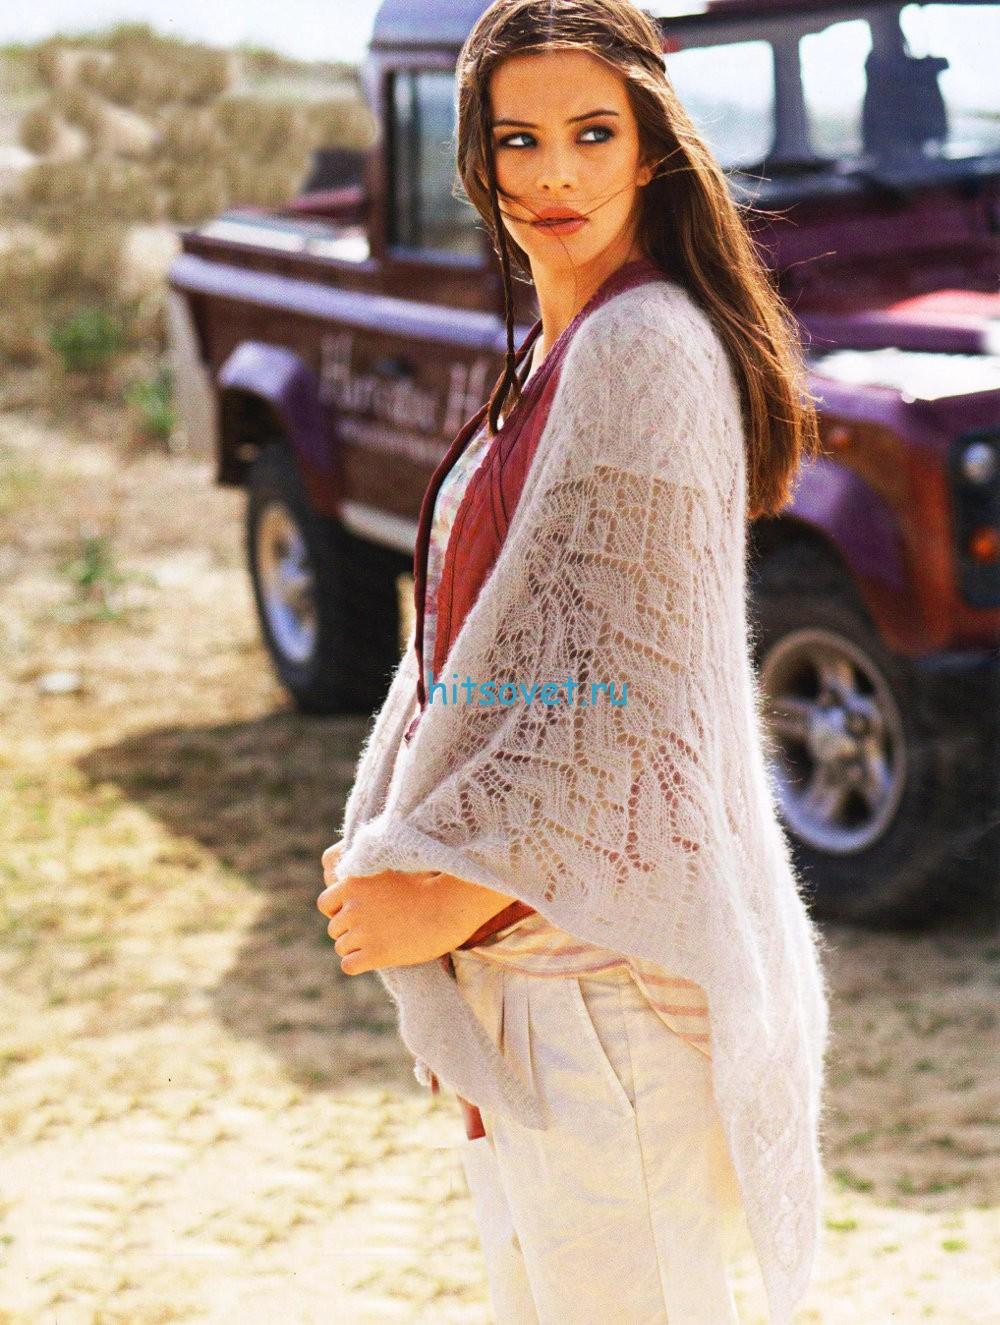 Вязание шали из королевского мохера, фото.